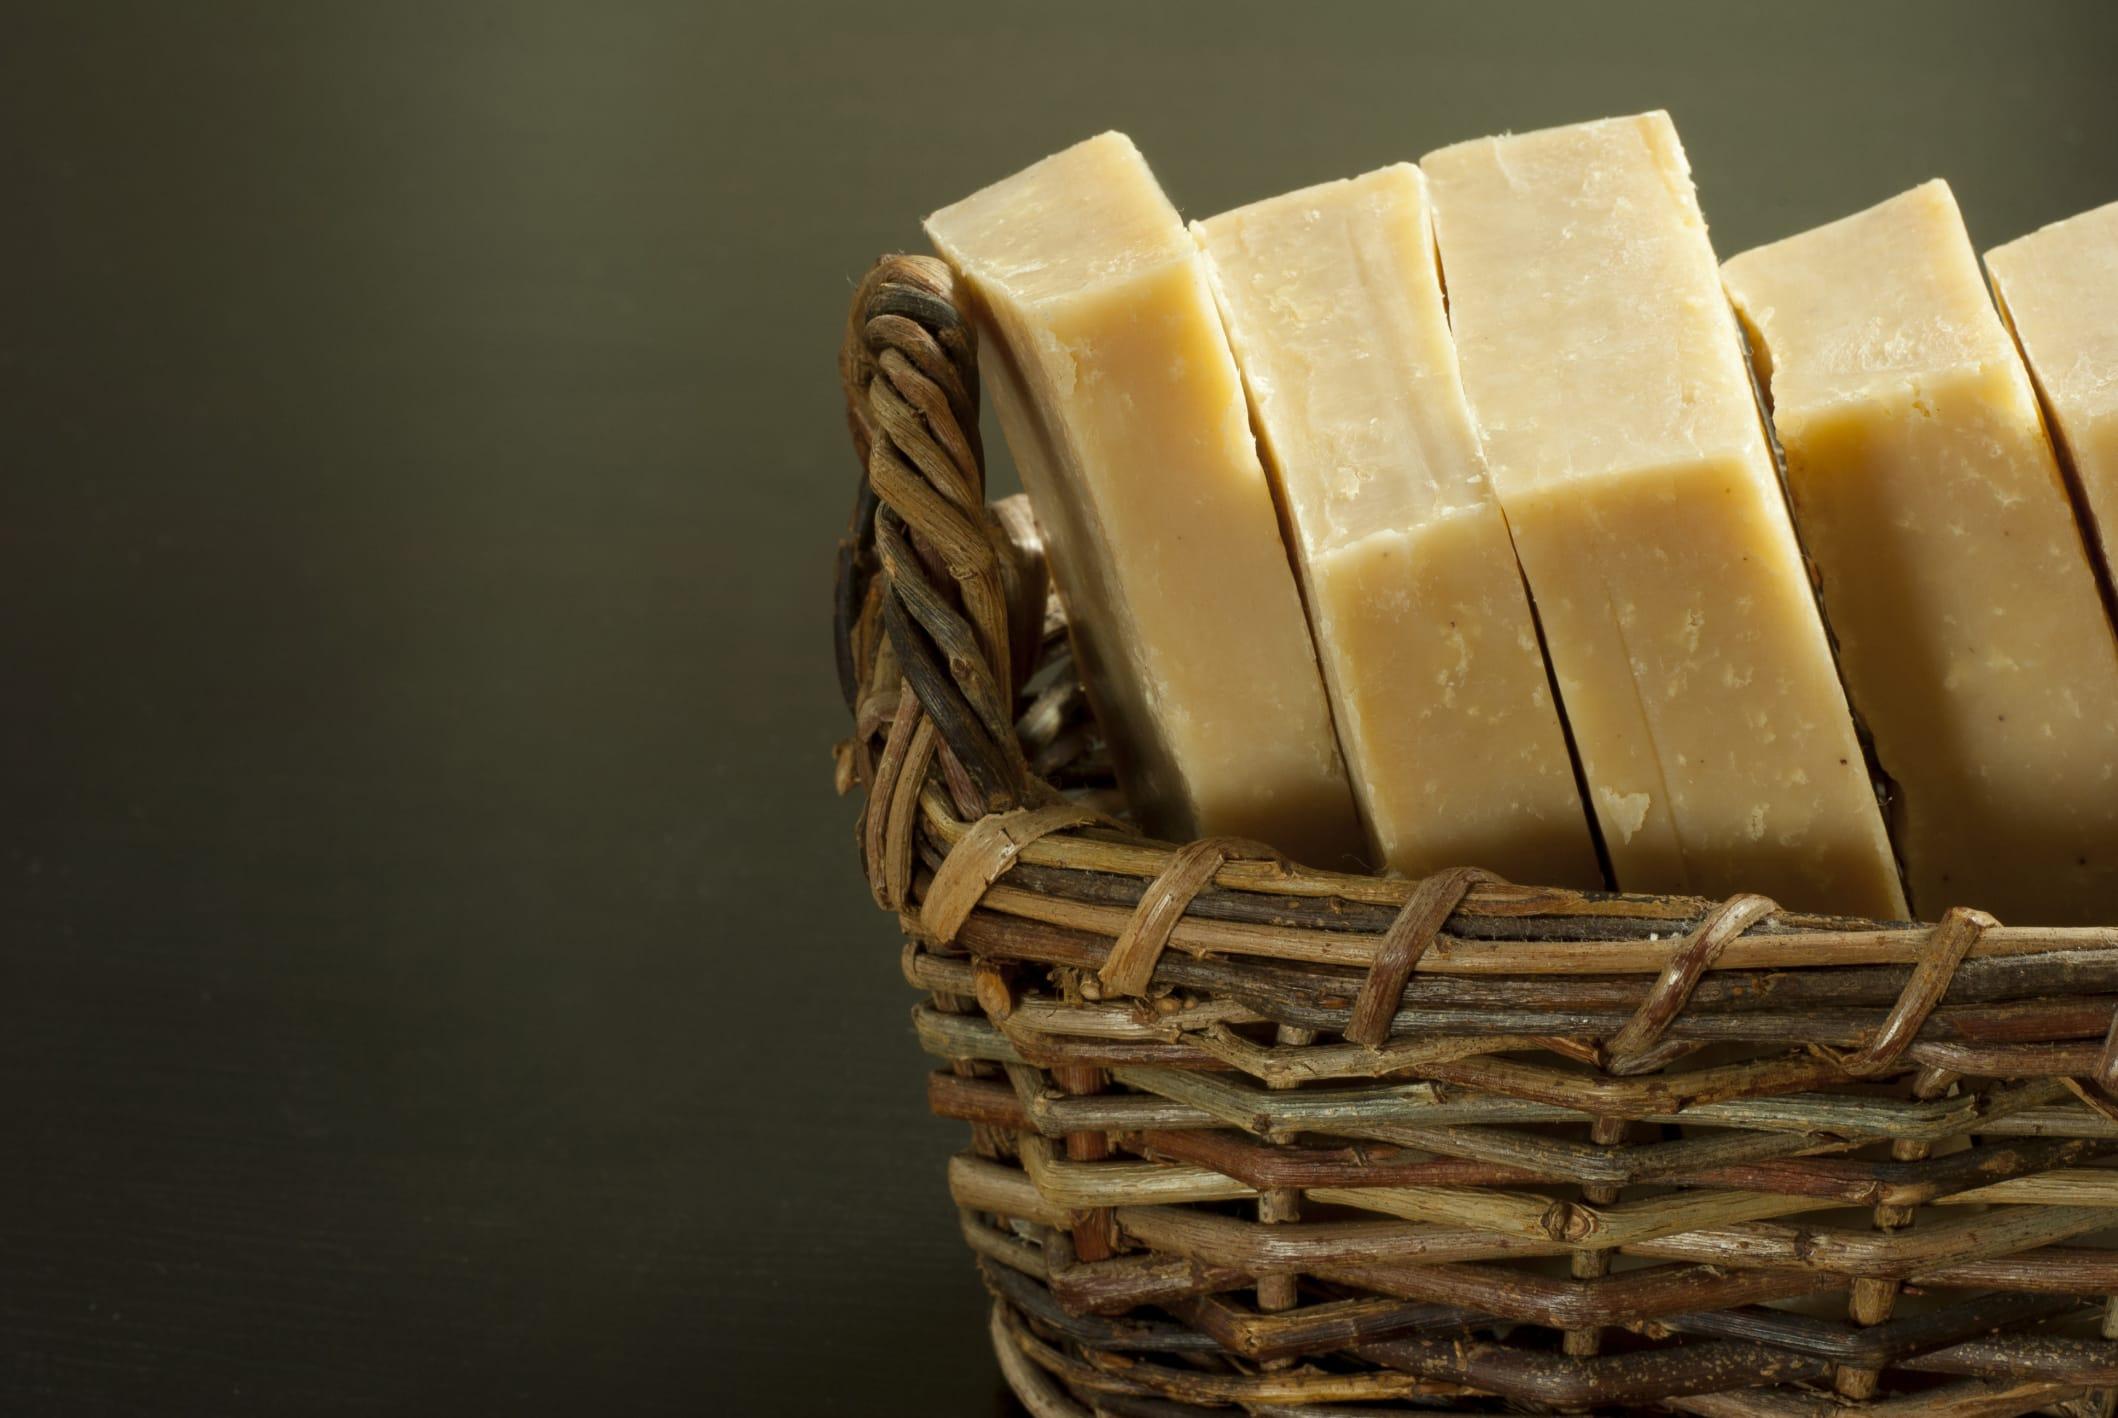 Vantaggi del sapone solido non sprecare - Sapone neutro per pulizie casa ...